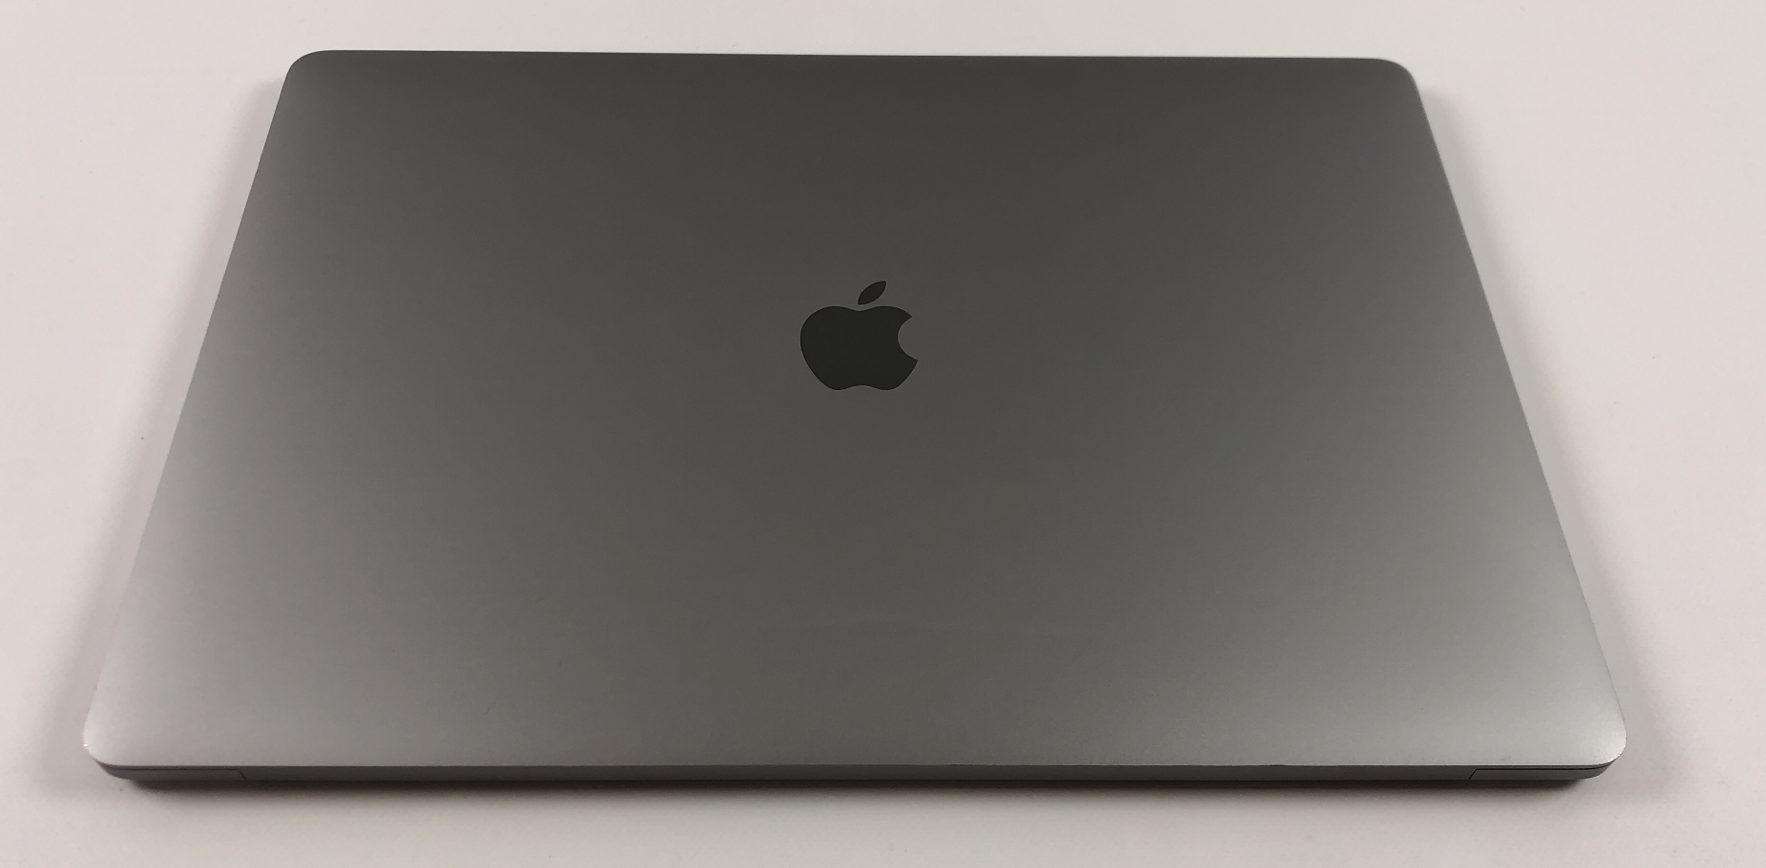 """MacBook Pro 15"""" Touch Bar Mid 2017 (Intel Quad-Core i7 2.8 GHz 16 GB RAM 512 GB SSD), Space Gray, Intel Quad-Core i7 2.8 GHz, 16 GB RAM, 512 GB SSD, Kuva 2"""